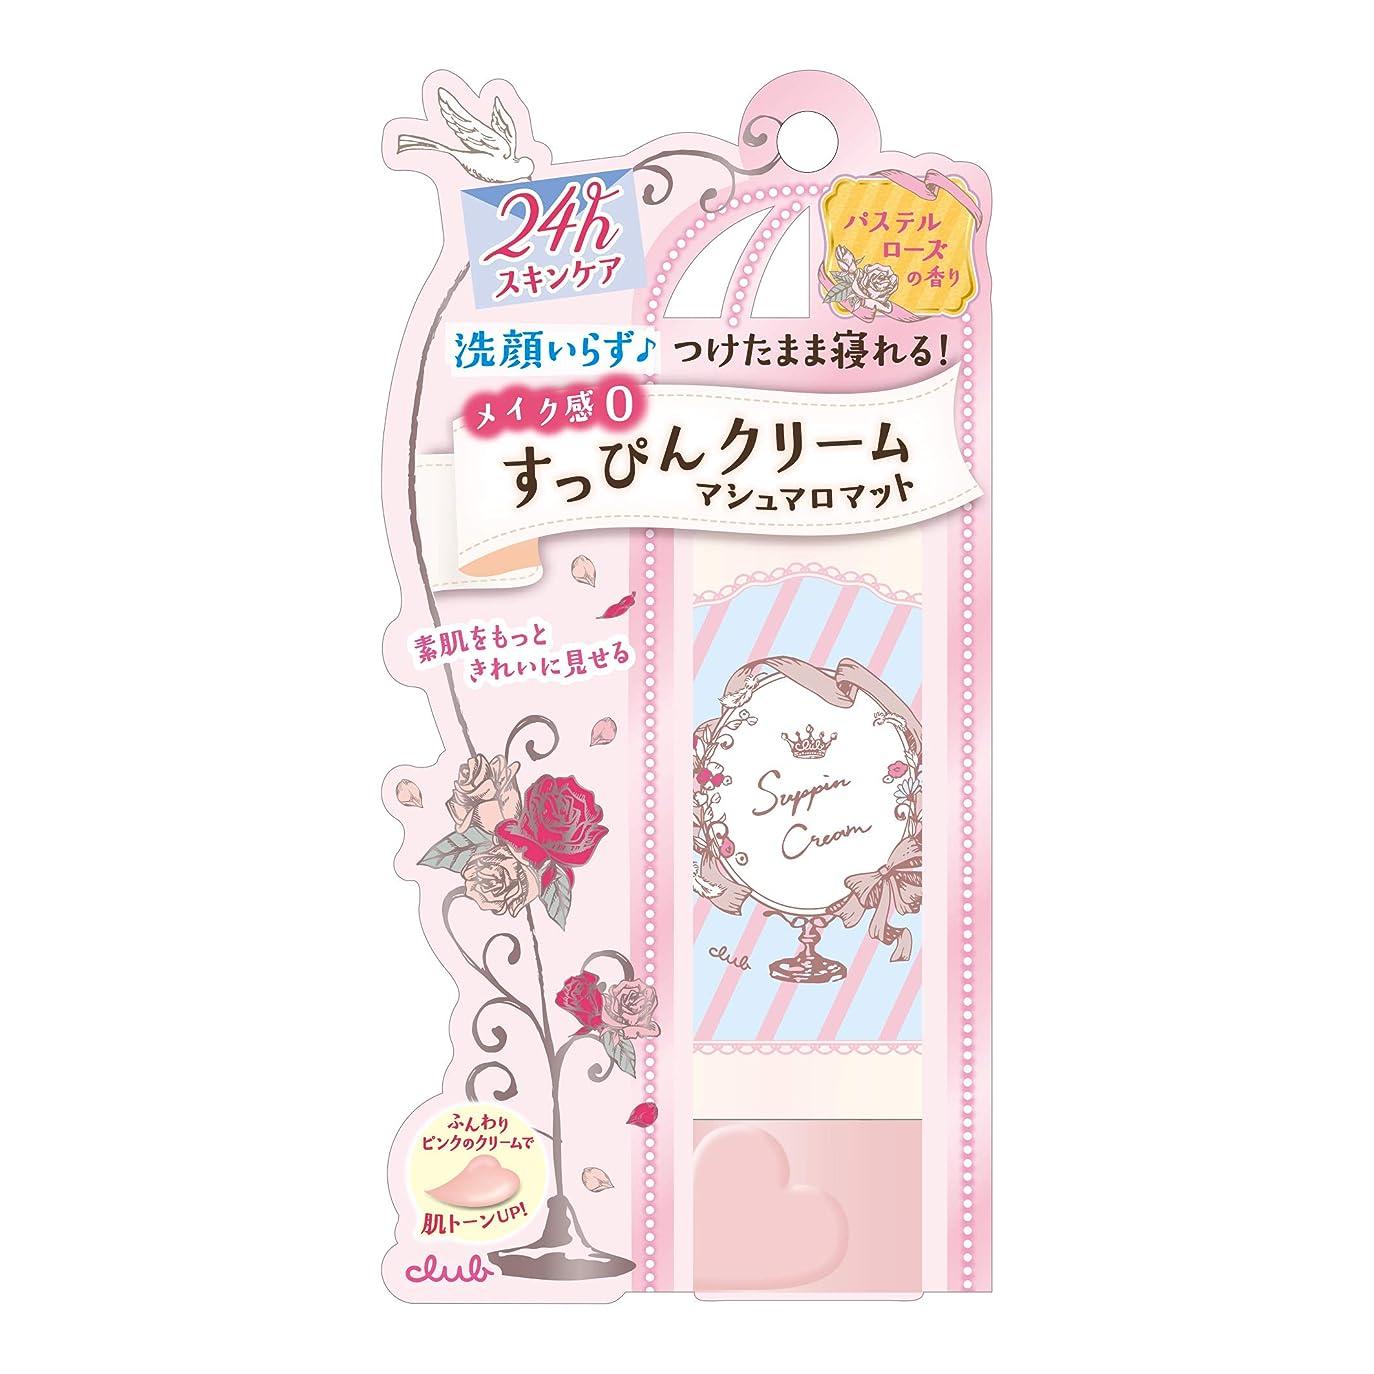 香り干渉奇跡的なクラブ すっぴんクリーム パステルローズの香り 30g